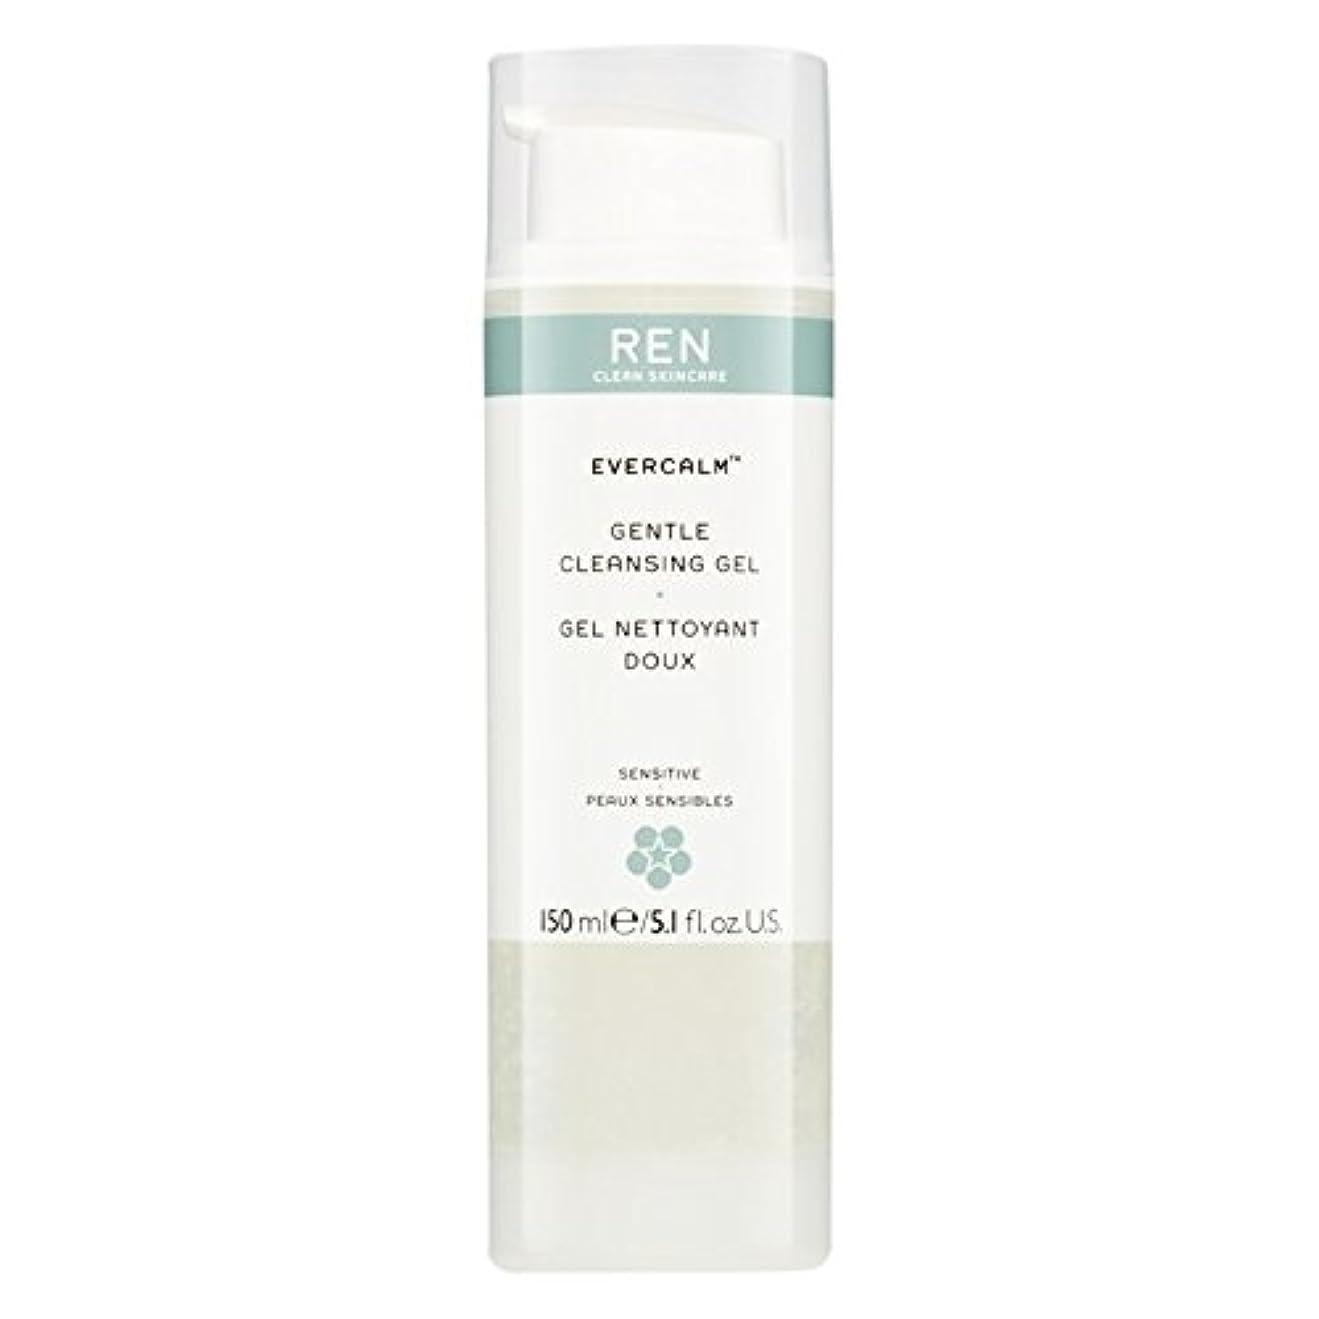 科学製品講義Ren Evercalm優しいクレンジングジェル、150ミリリットル (REN) (x6) - REN Evercalm Gentle Cleansing Gel, 150ml (Pack of 6) [並行輸入品]